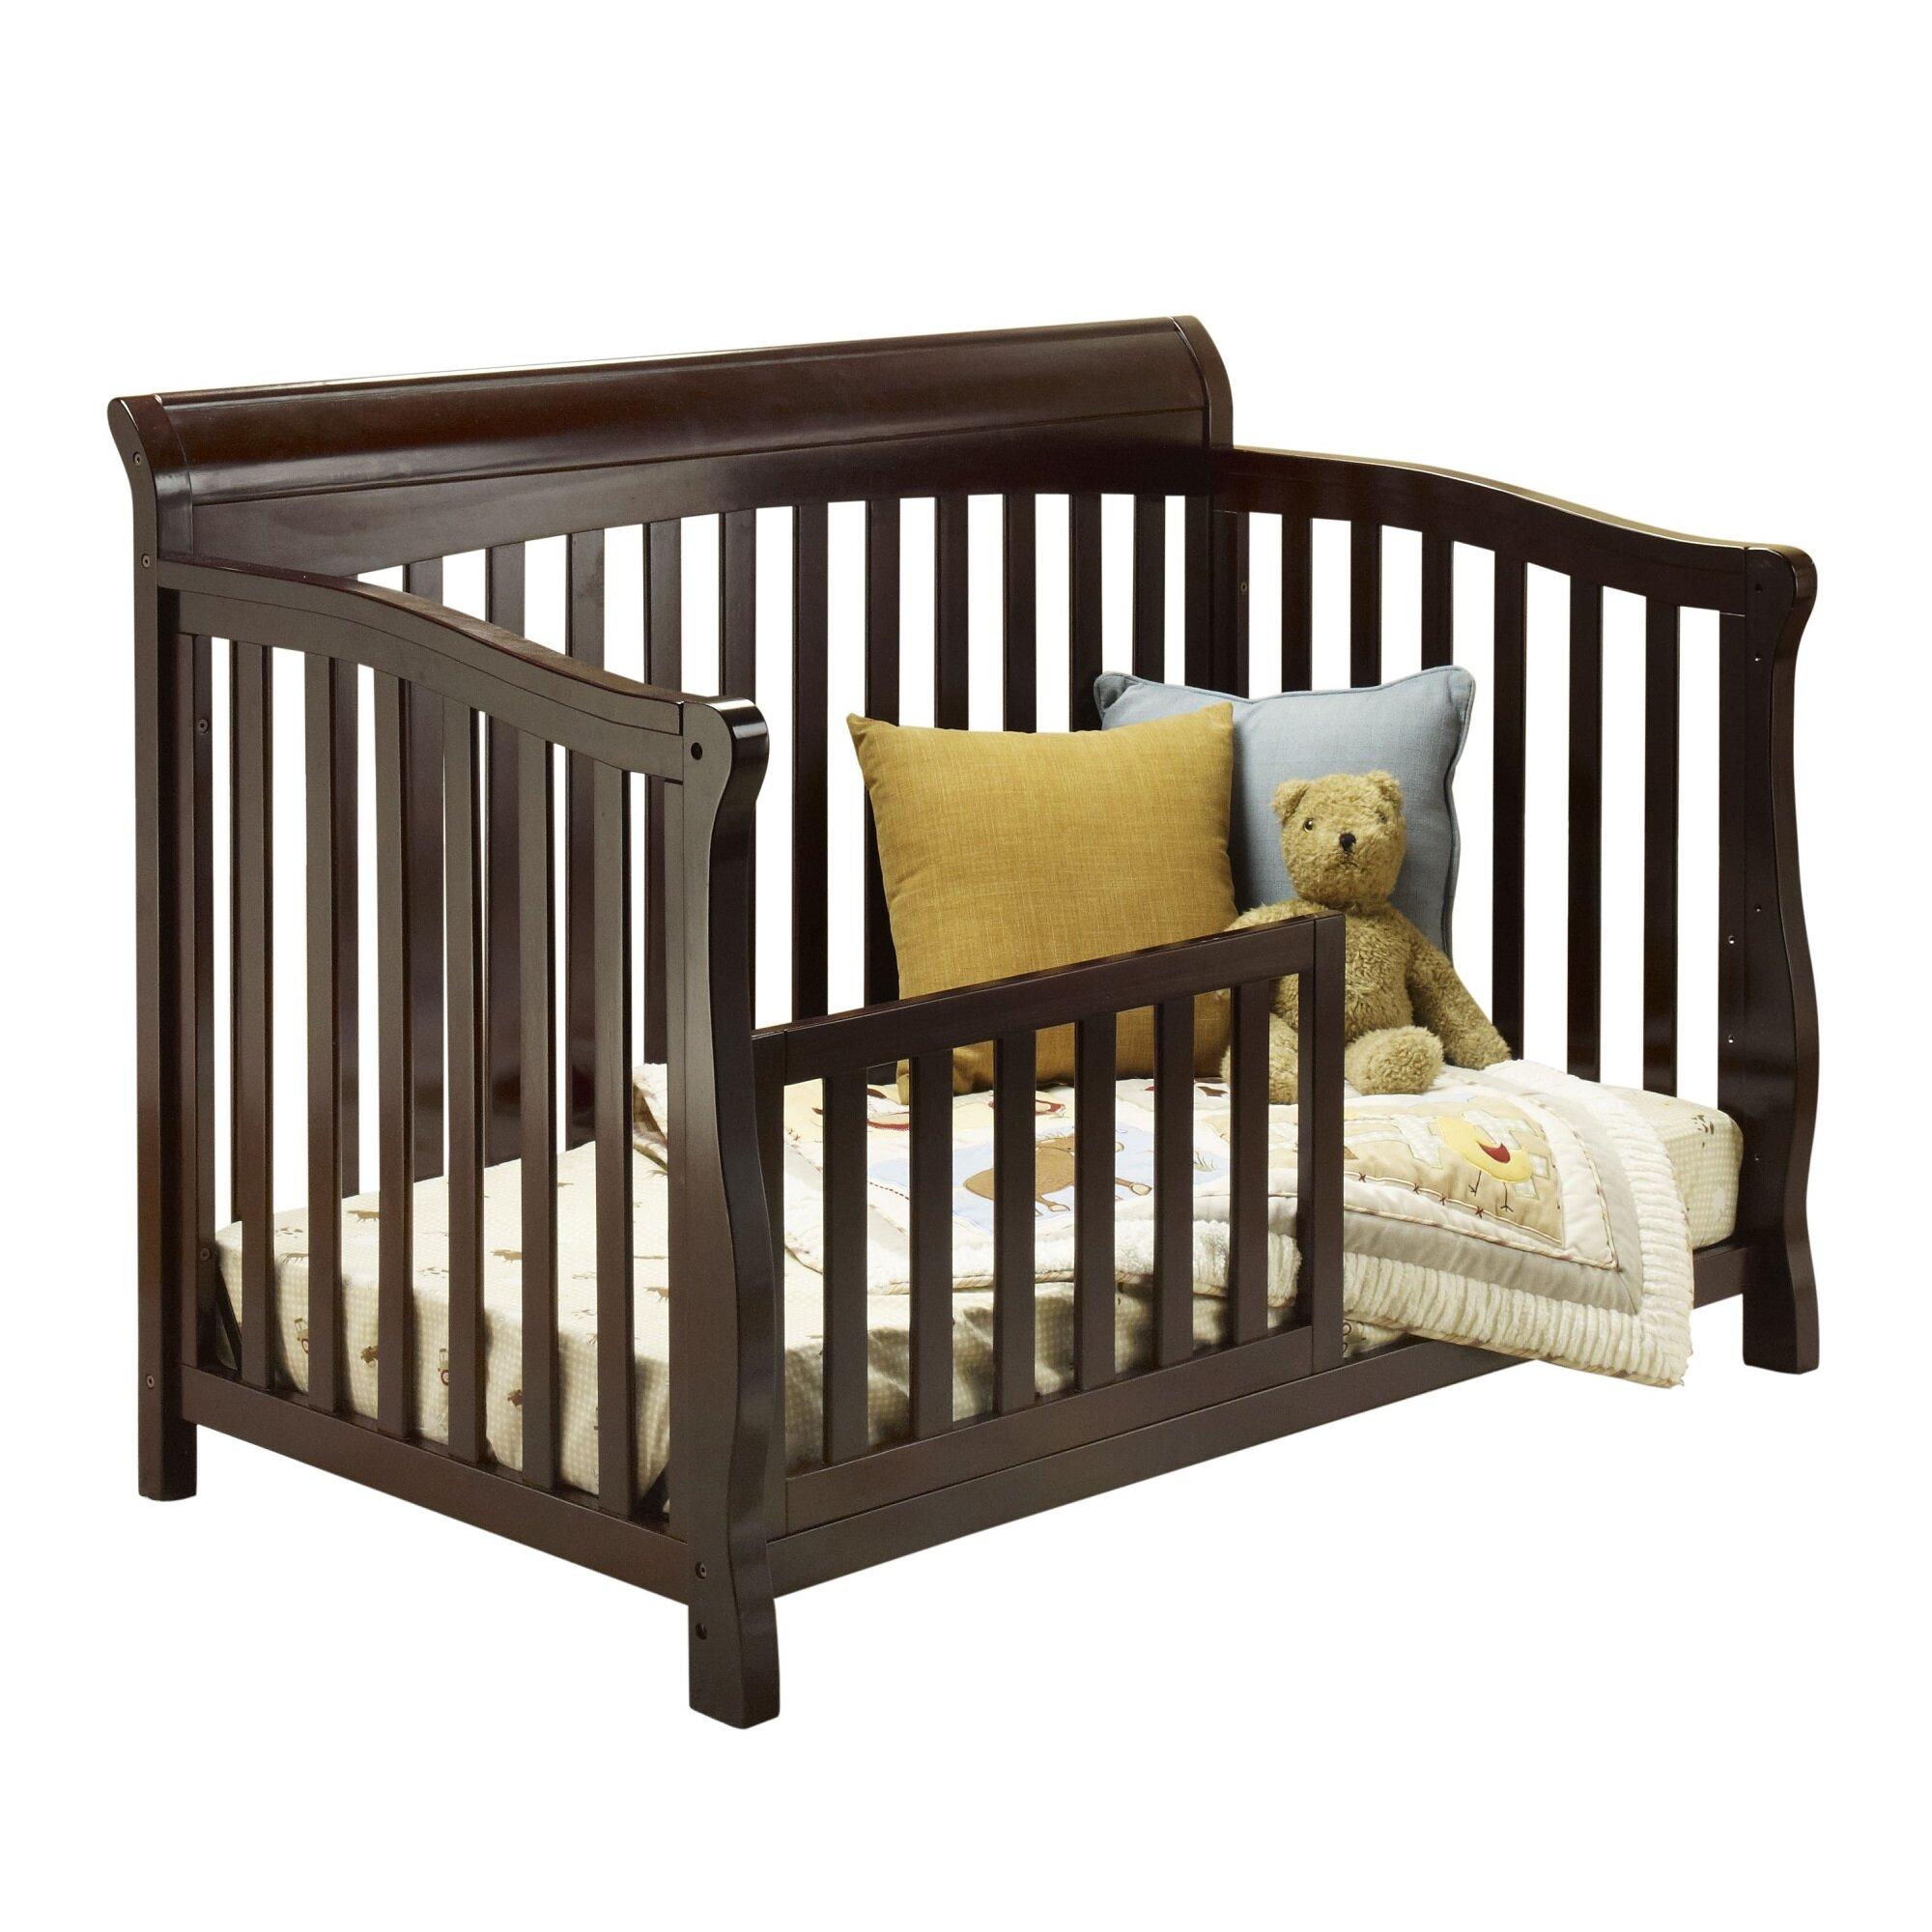 Sorelle Florence 4 In 1 Convertible Crib Reviews Wayfair